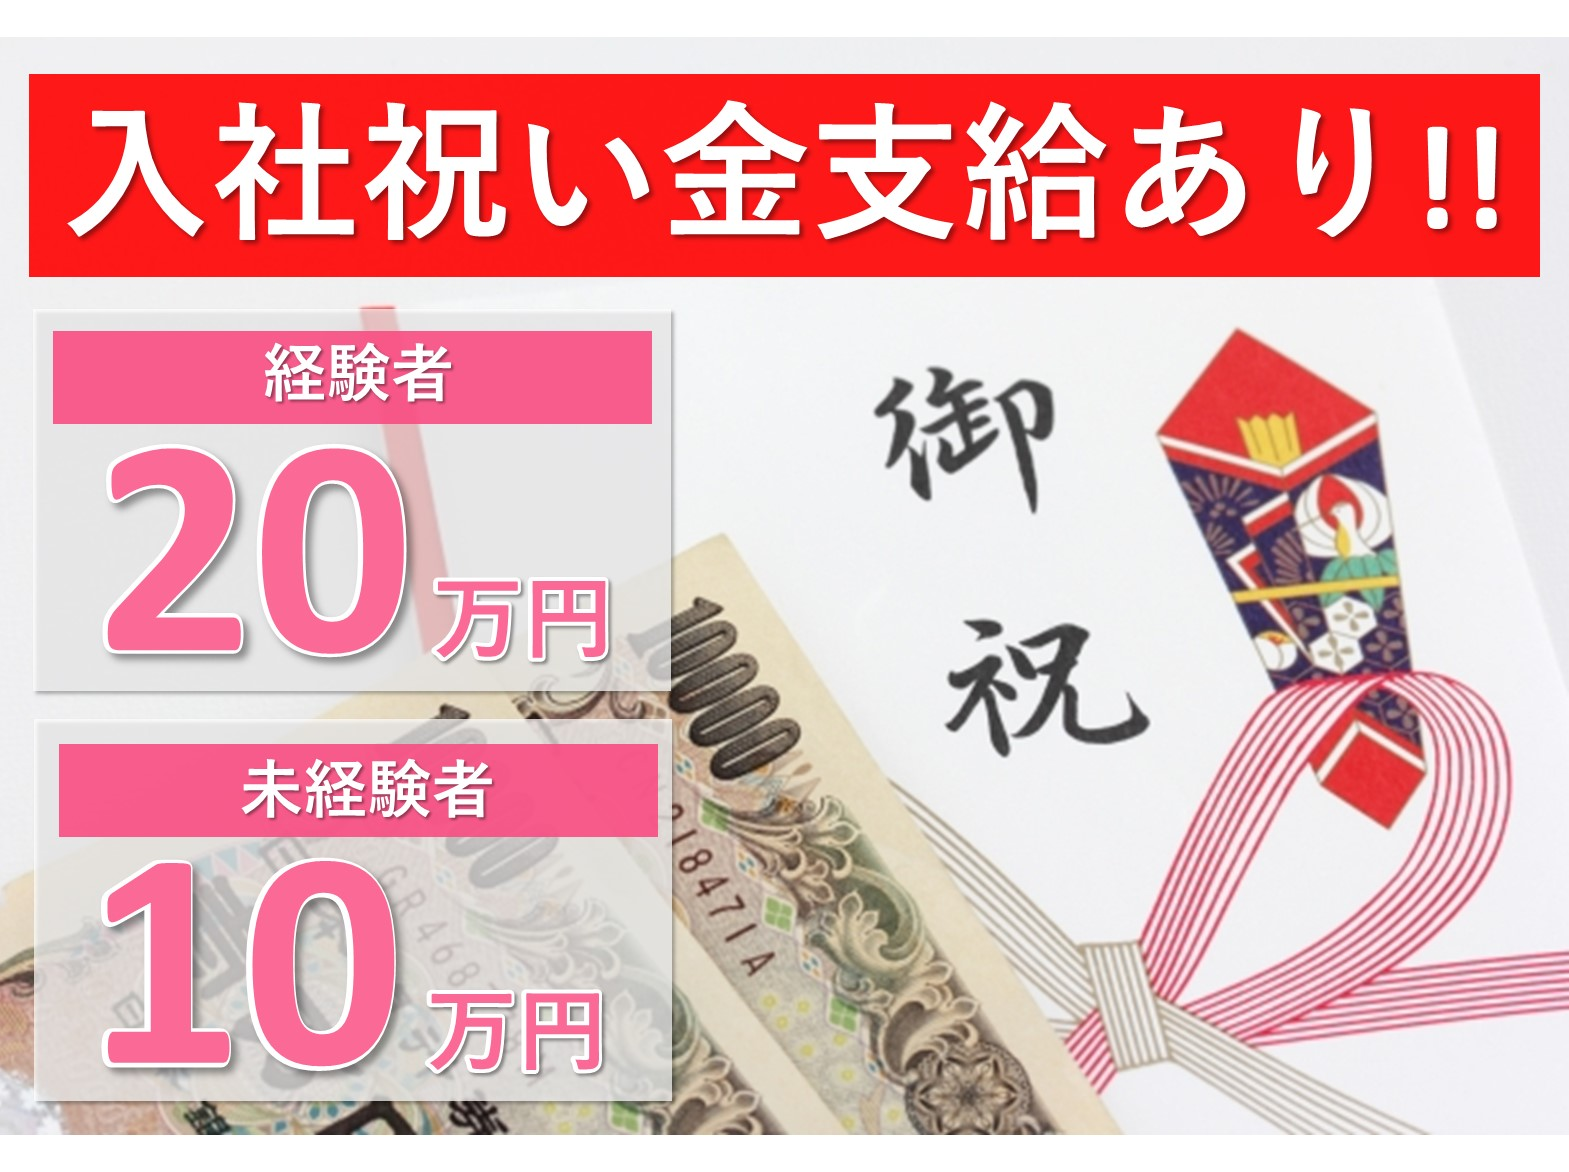 伊万里・佐賀求人ナビ/2019年5月20日最新情報